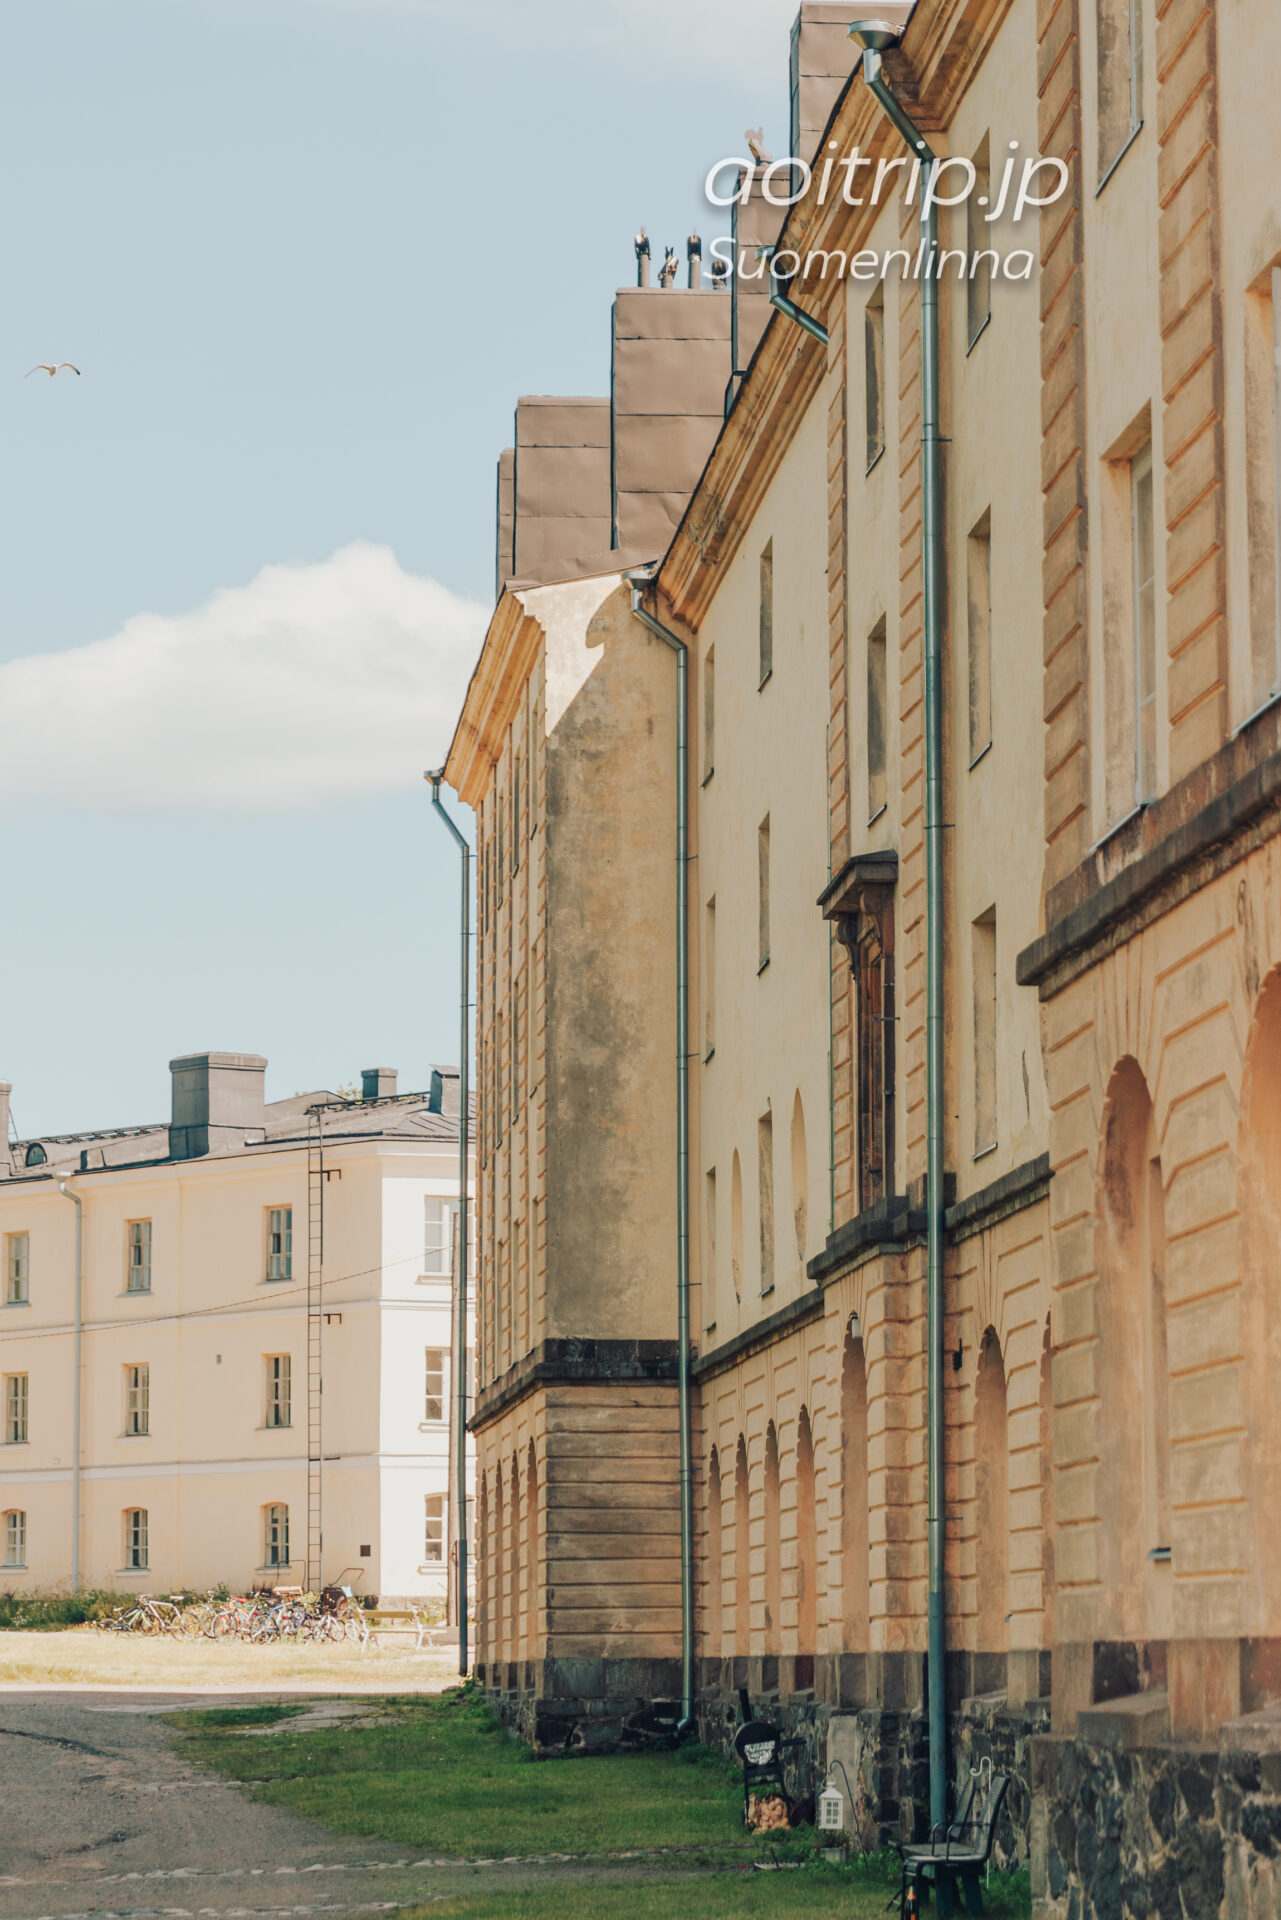 スオメンリンナの住宅